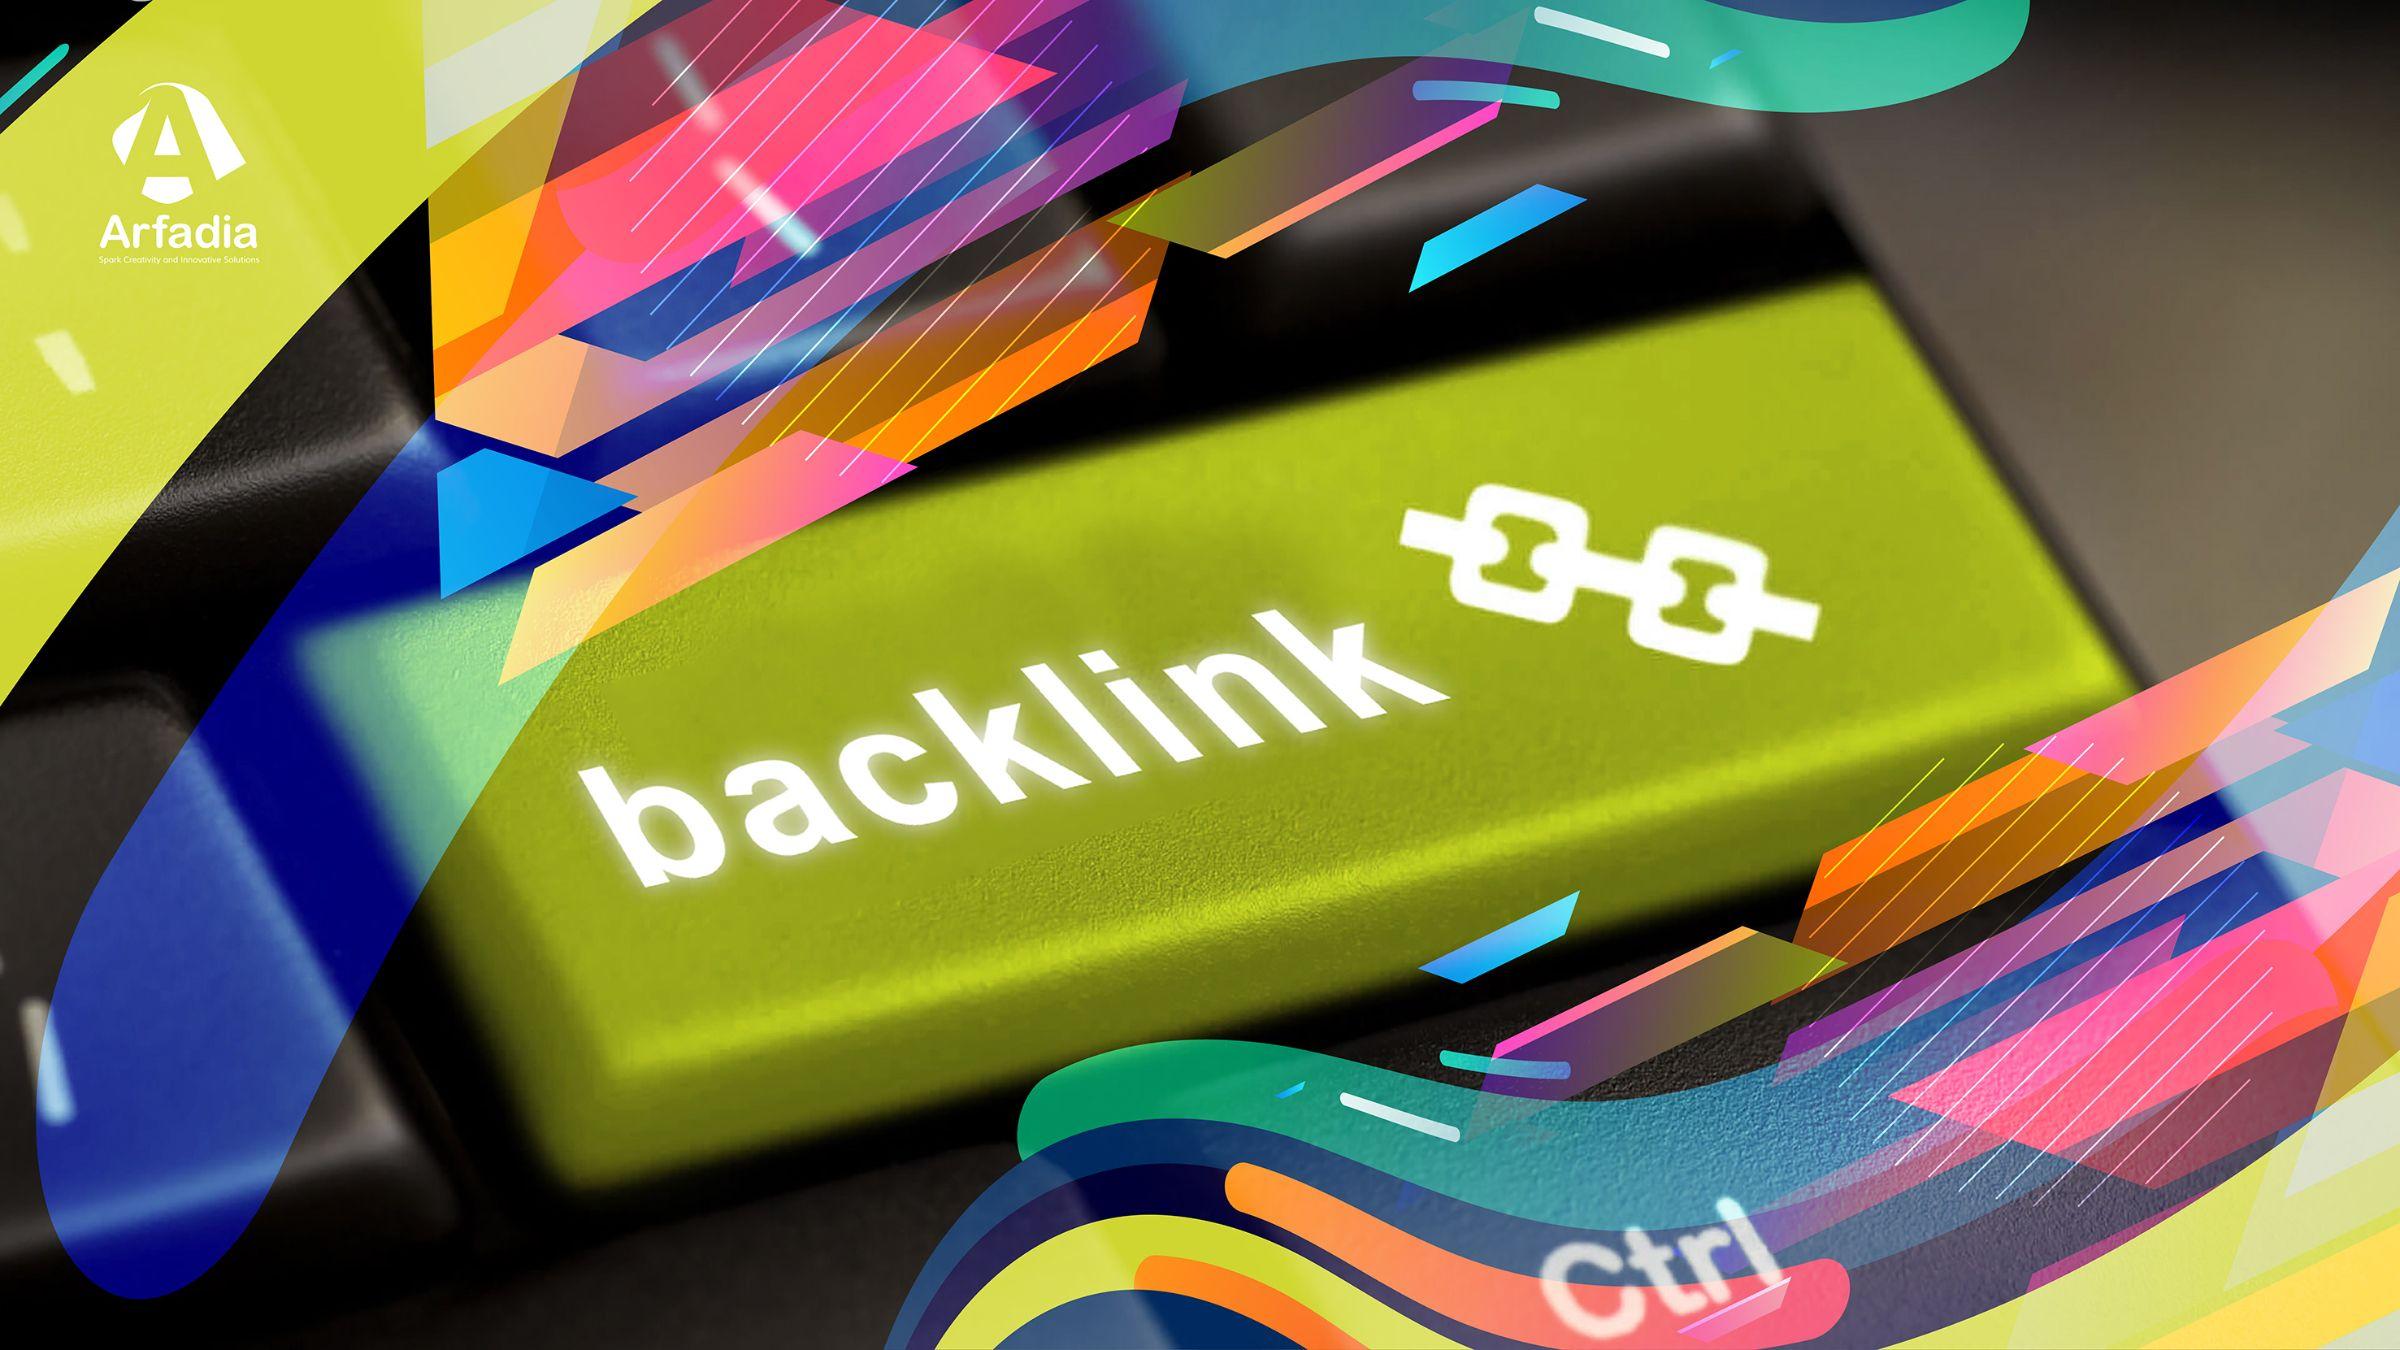 Jenis Backlink yang Disukai Google untuk SEO